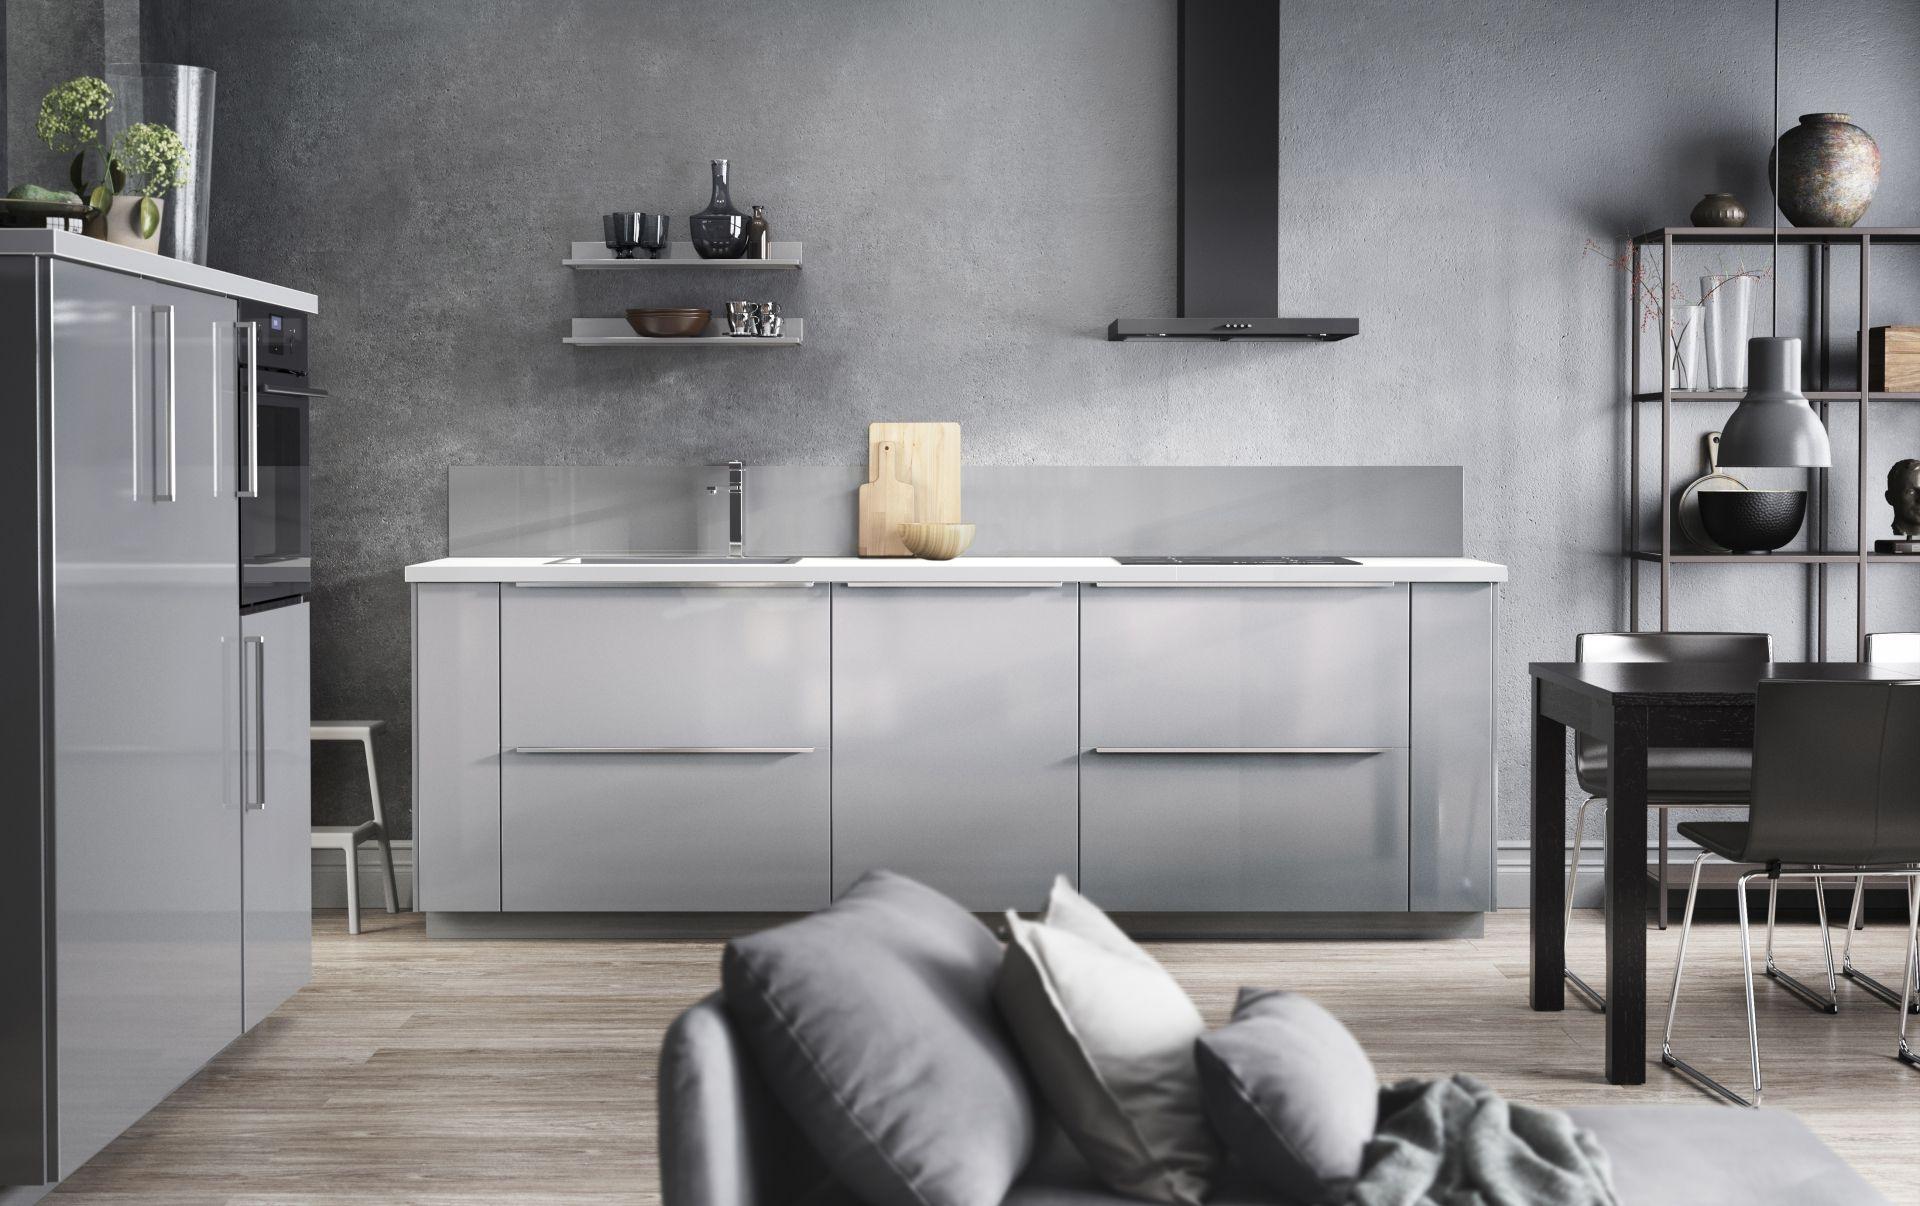 Metod Keuken Ikea : Metod keuken in elegant grijs ikea ikeanl keukens modern